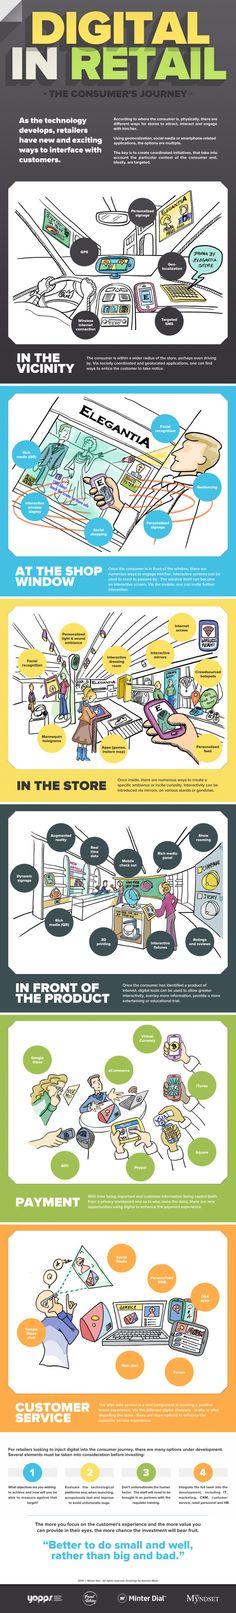 Digital in Retail